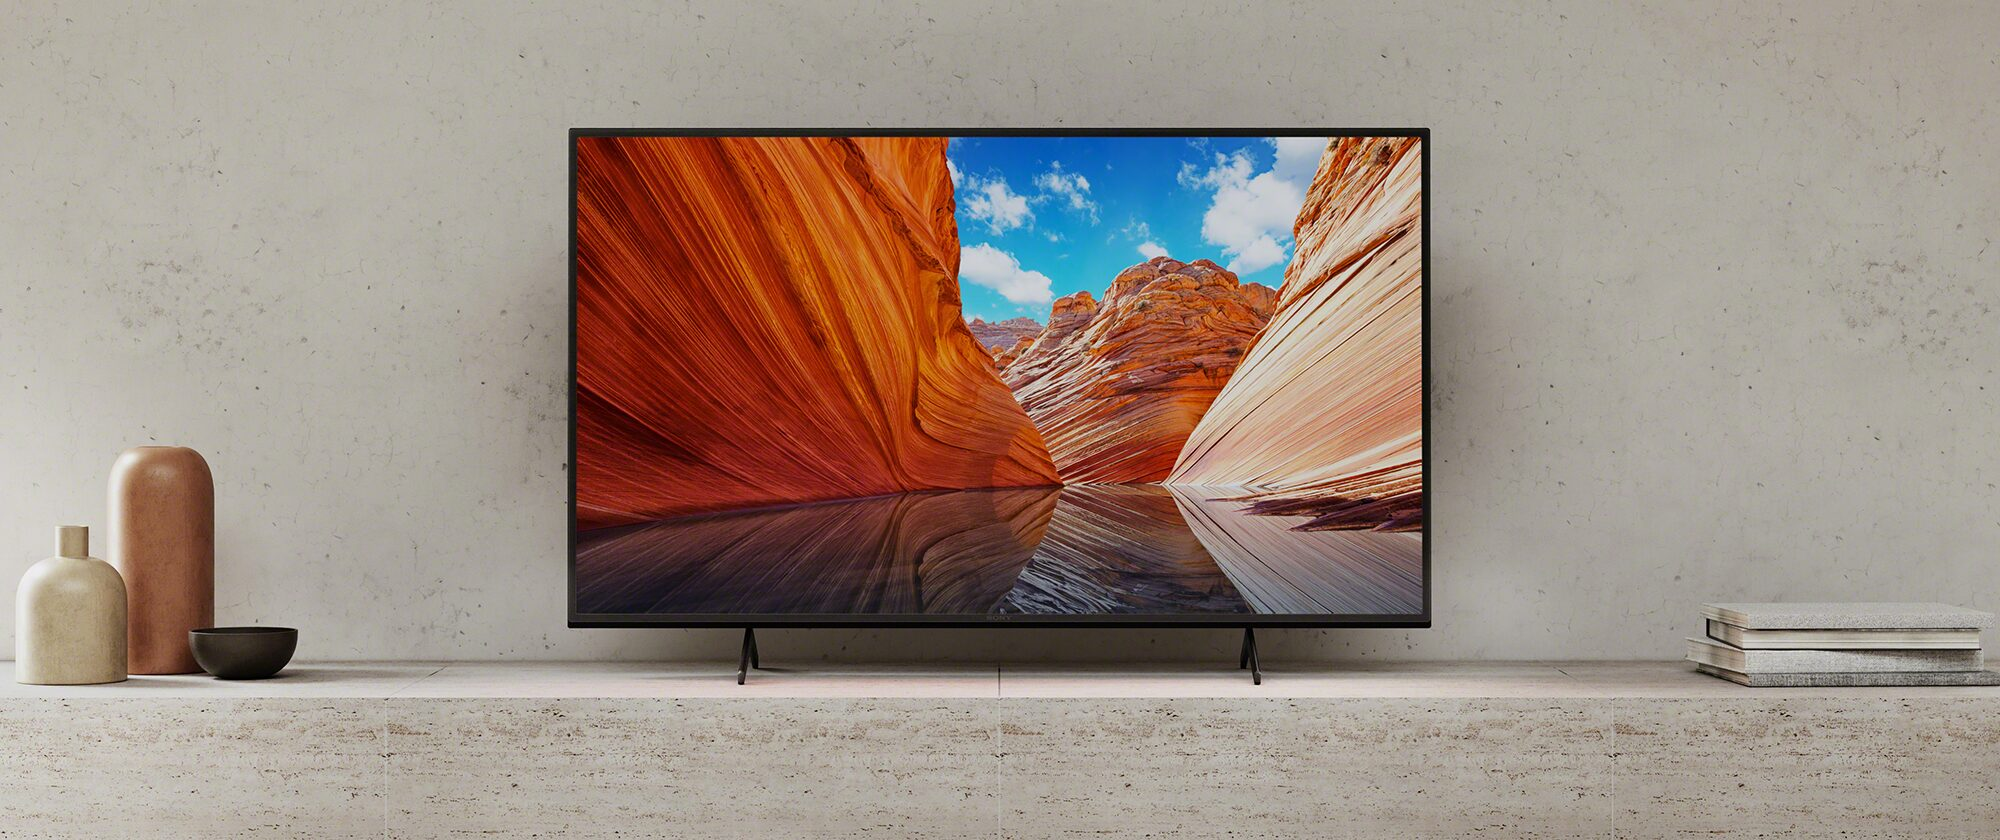 Ρεαλιστική Google TV™, με έντονο χρώμα και ήχο